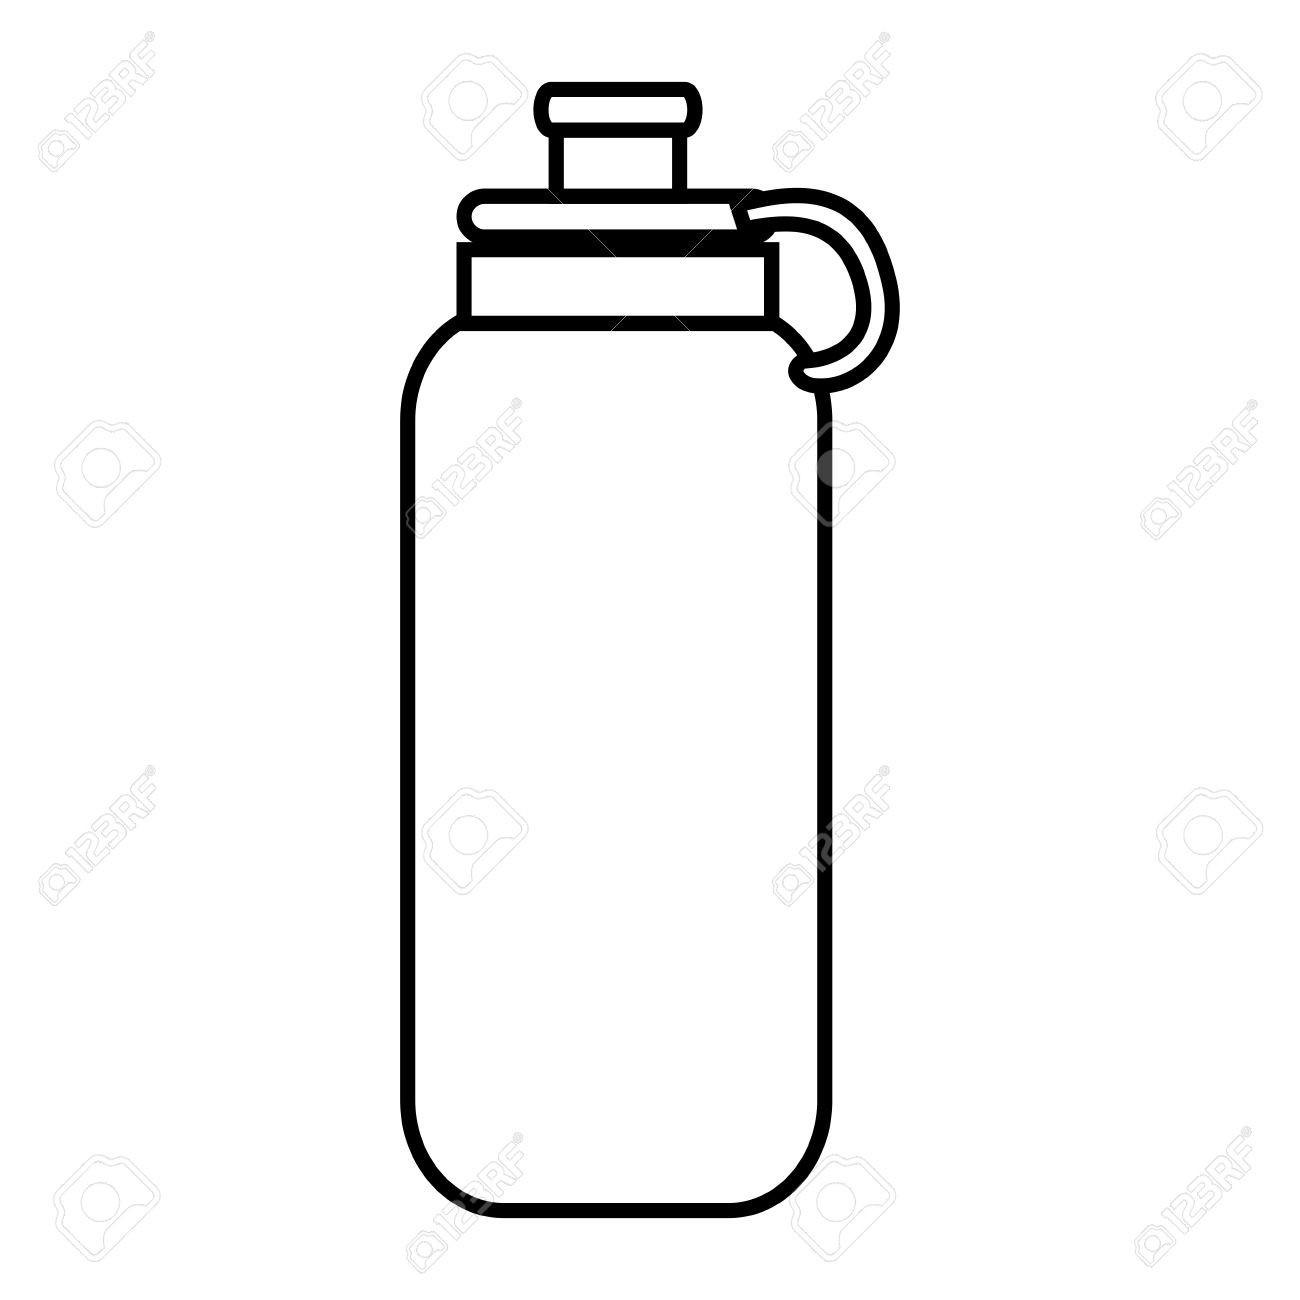 Water bottle object.